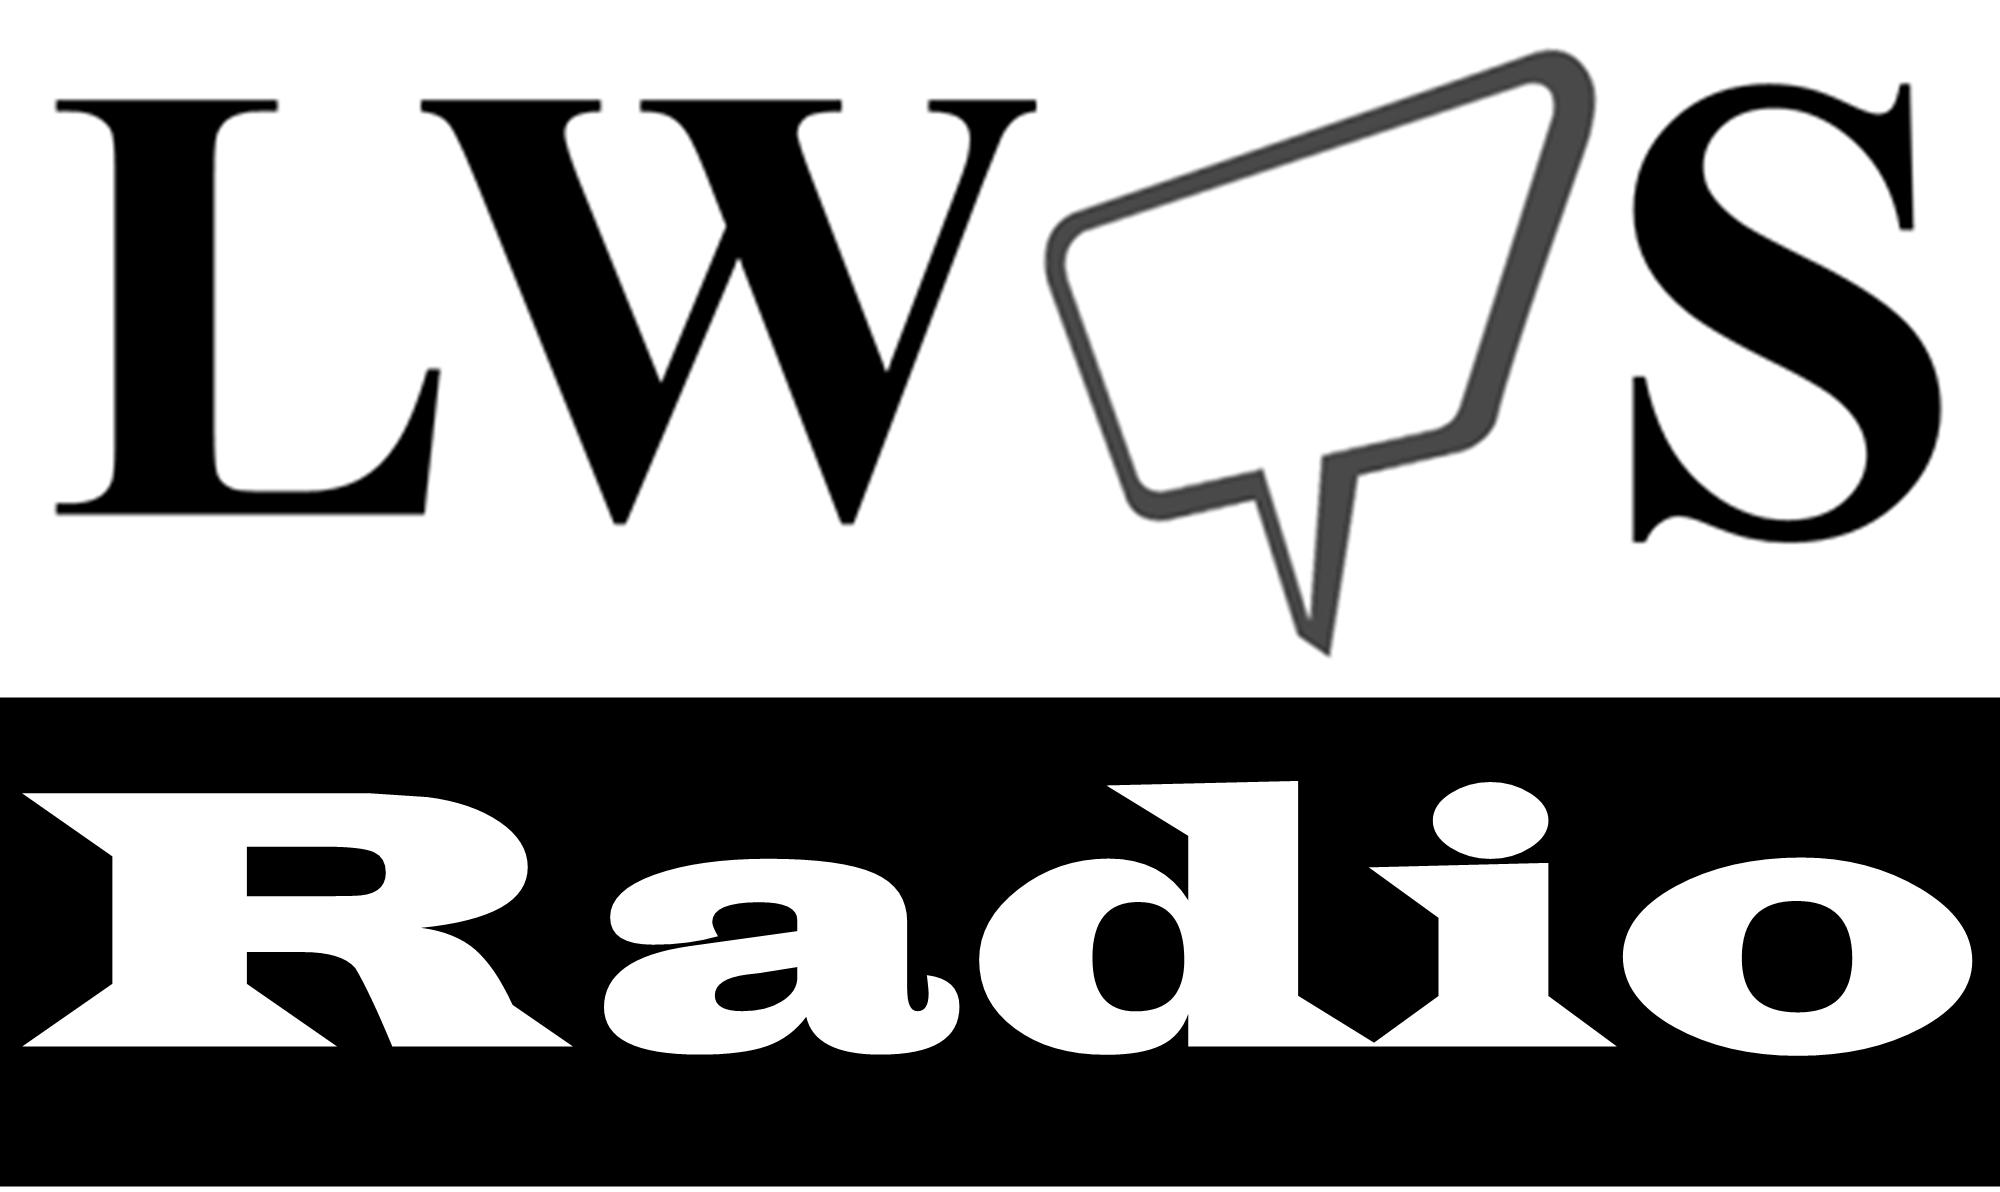 LAST WORD RADIO